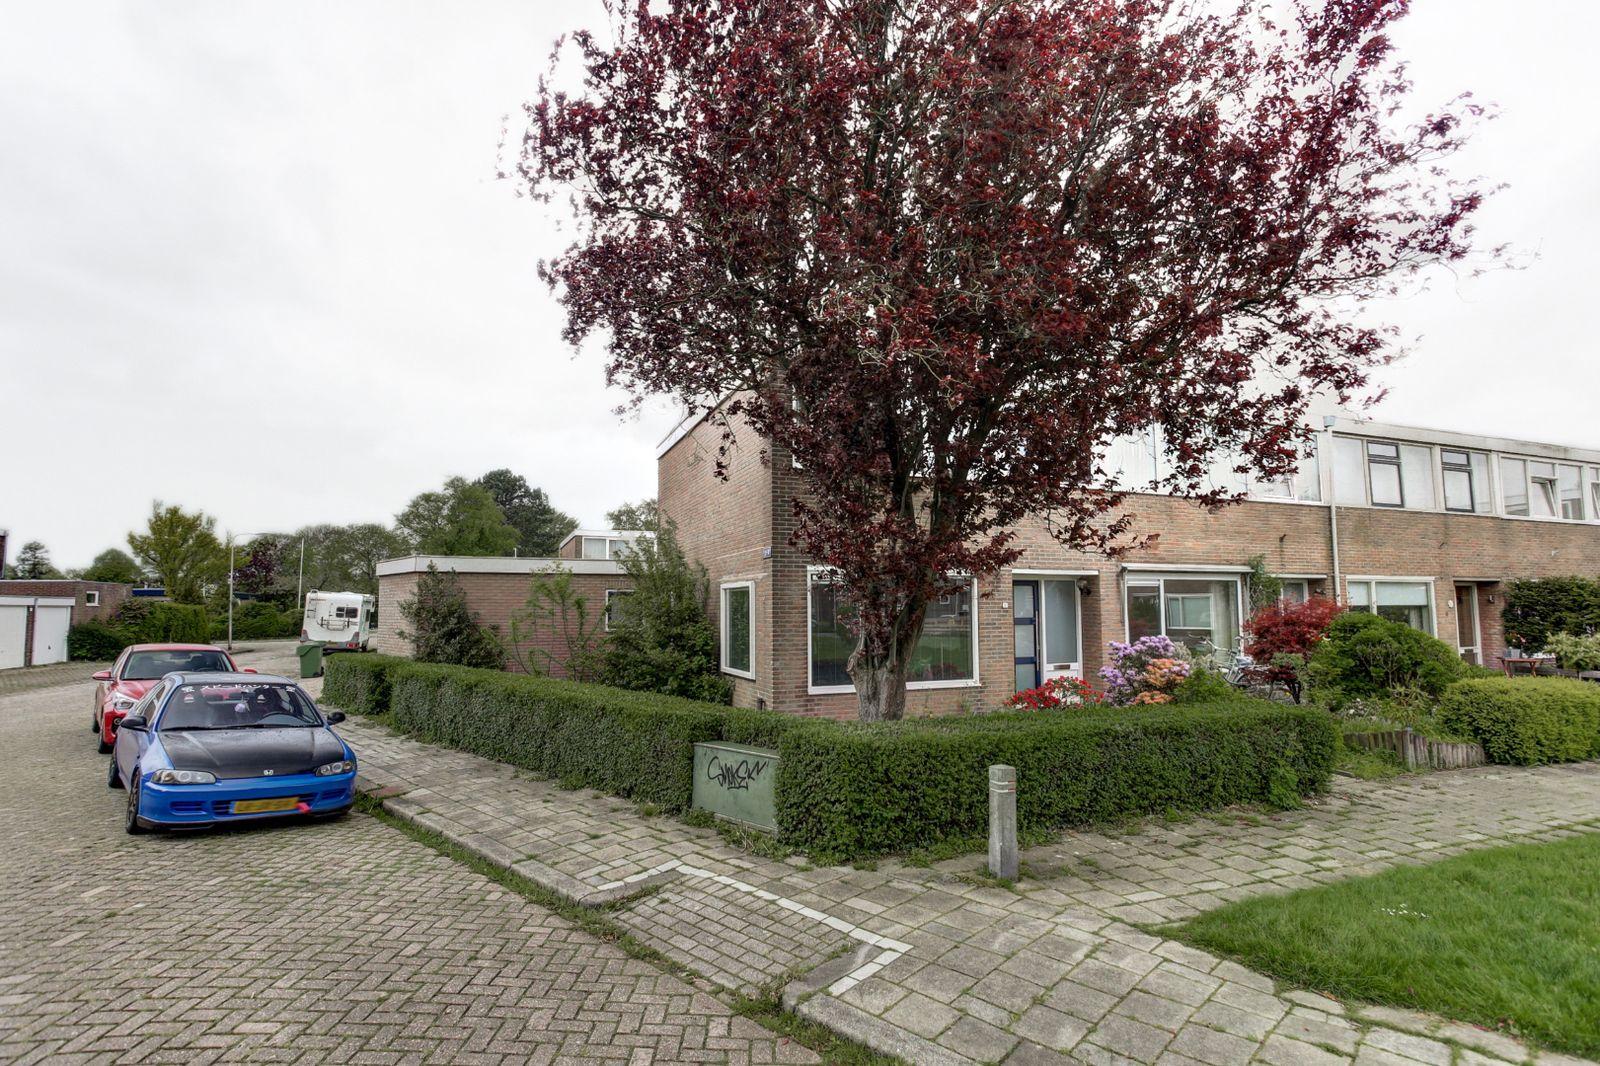 Marningeweg 2, Leeuwarden